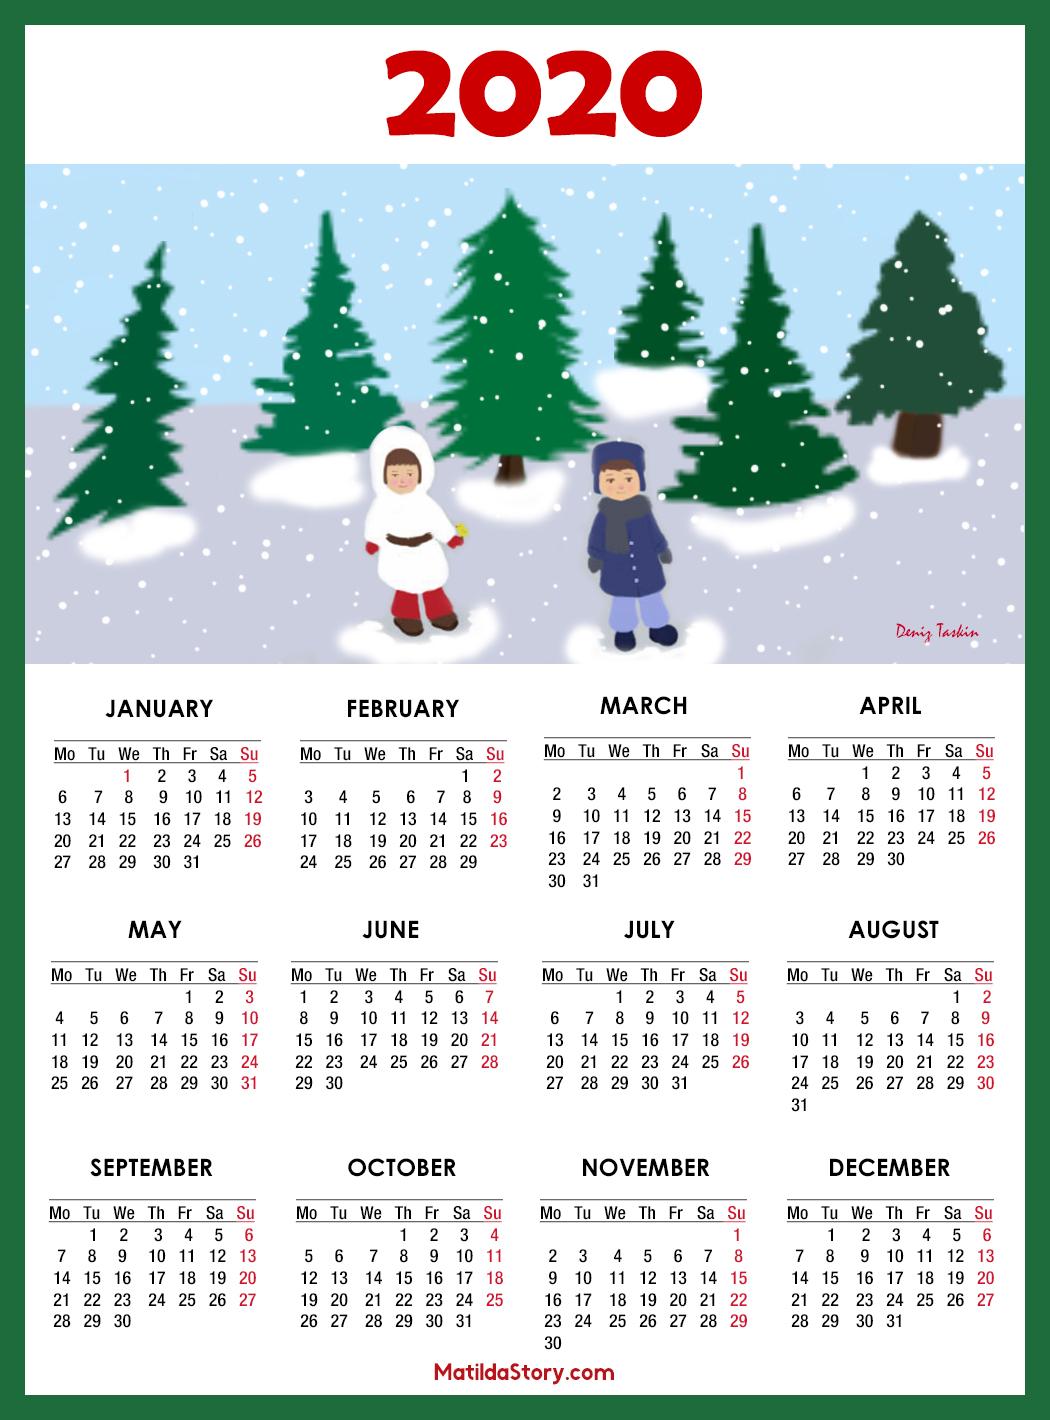 Calendar Christmas 2020 calendars with monday start – MatildaStory.com